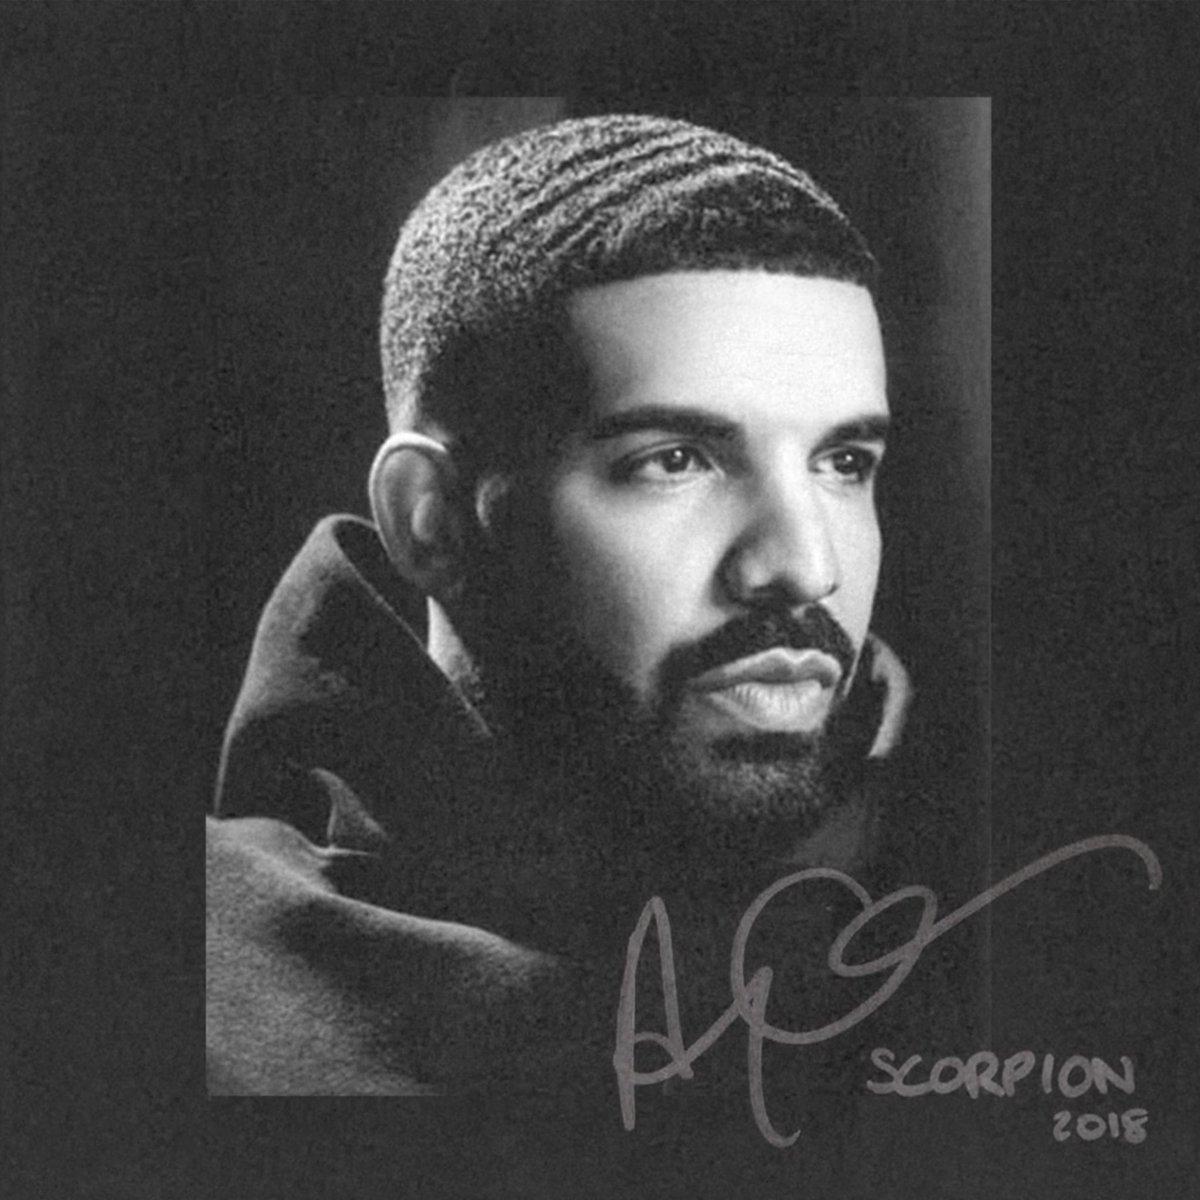 Michael Jackson realiza aparición póstuma en el álbum del rapero Drake